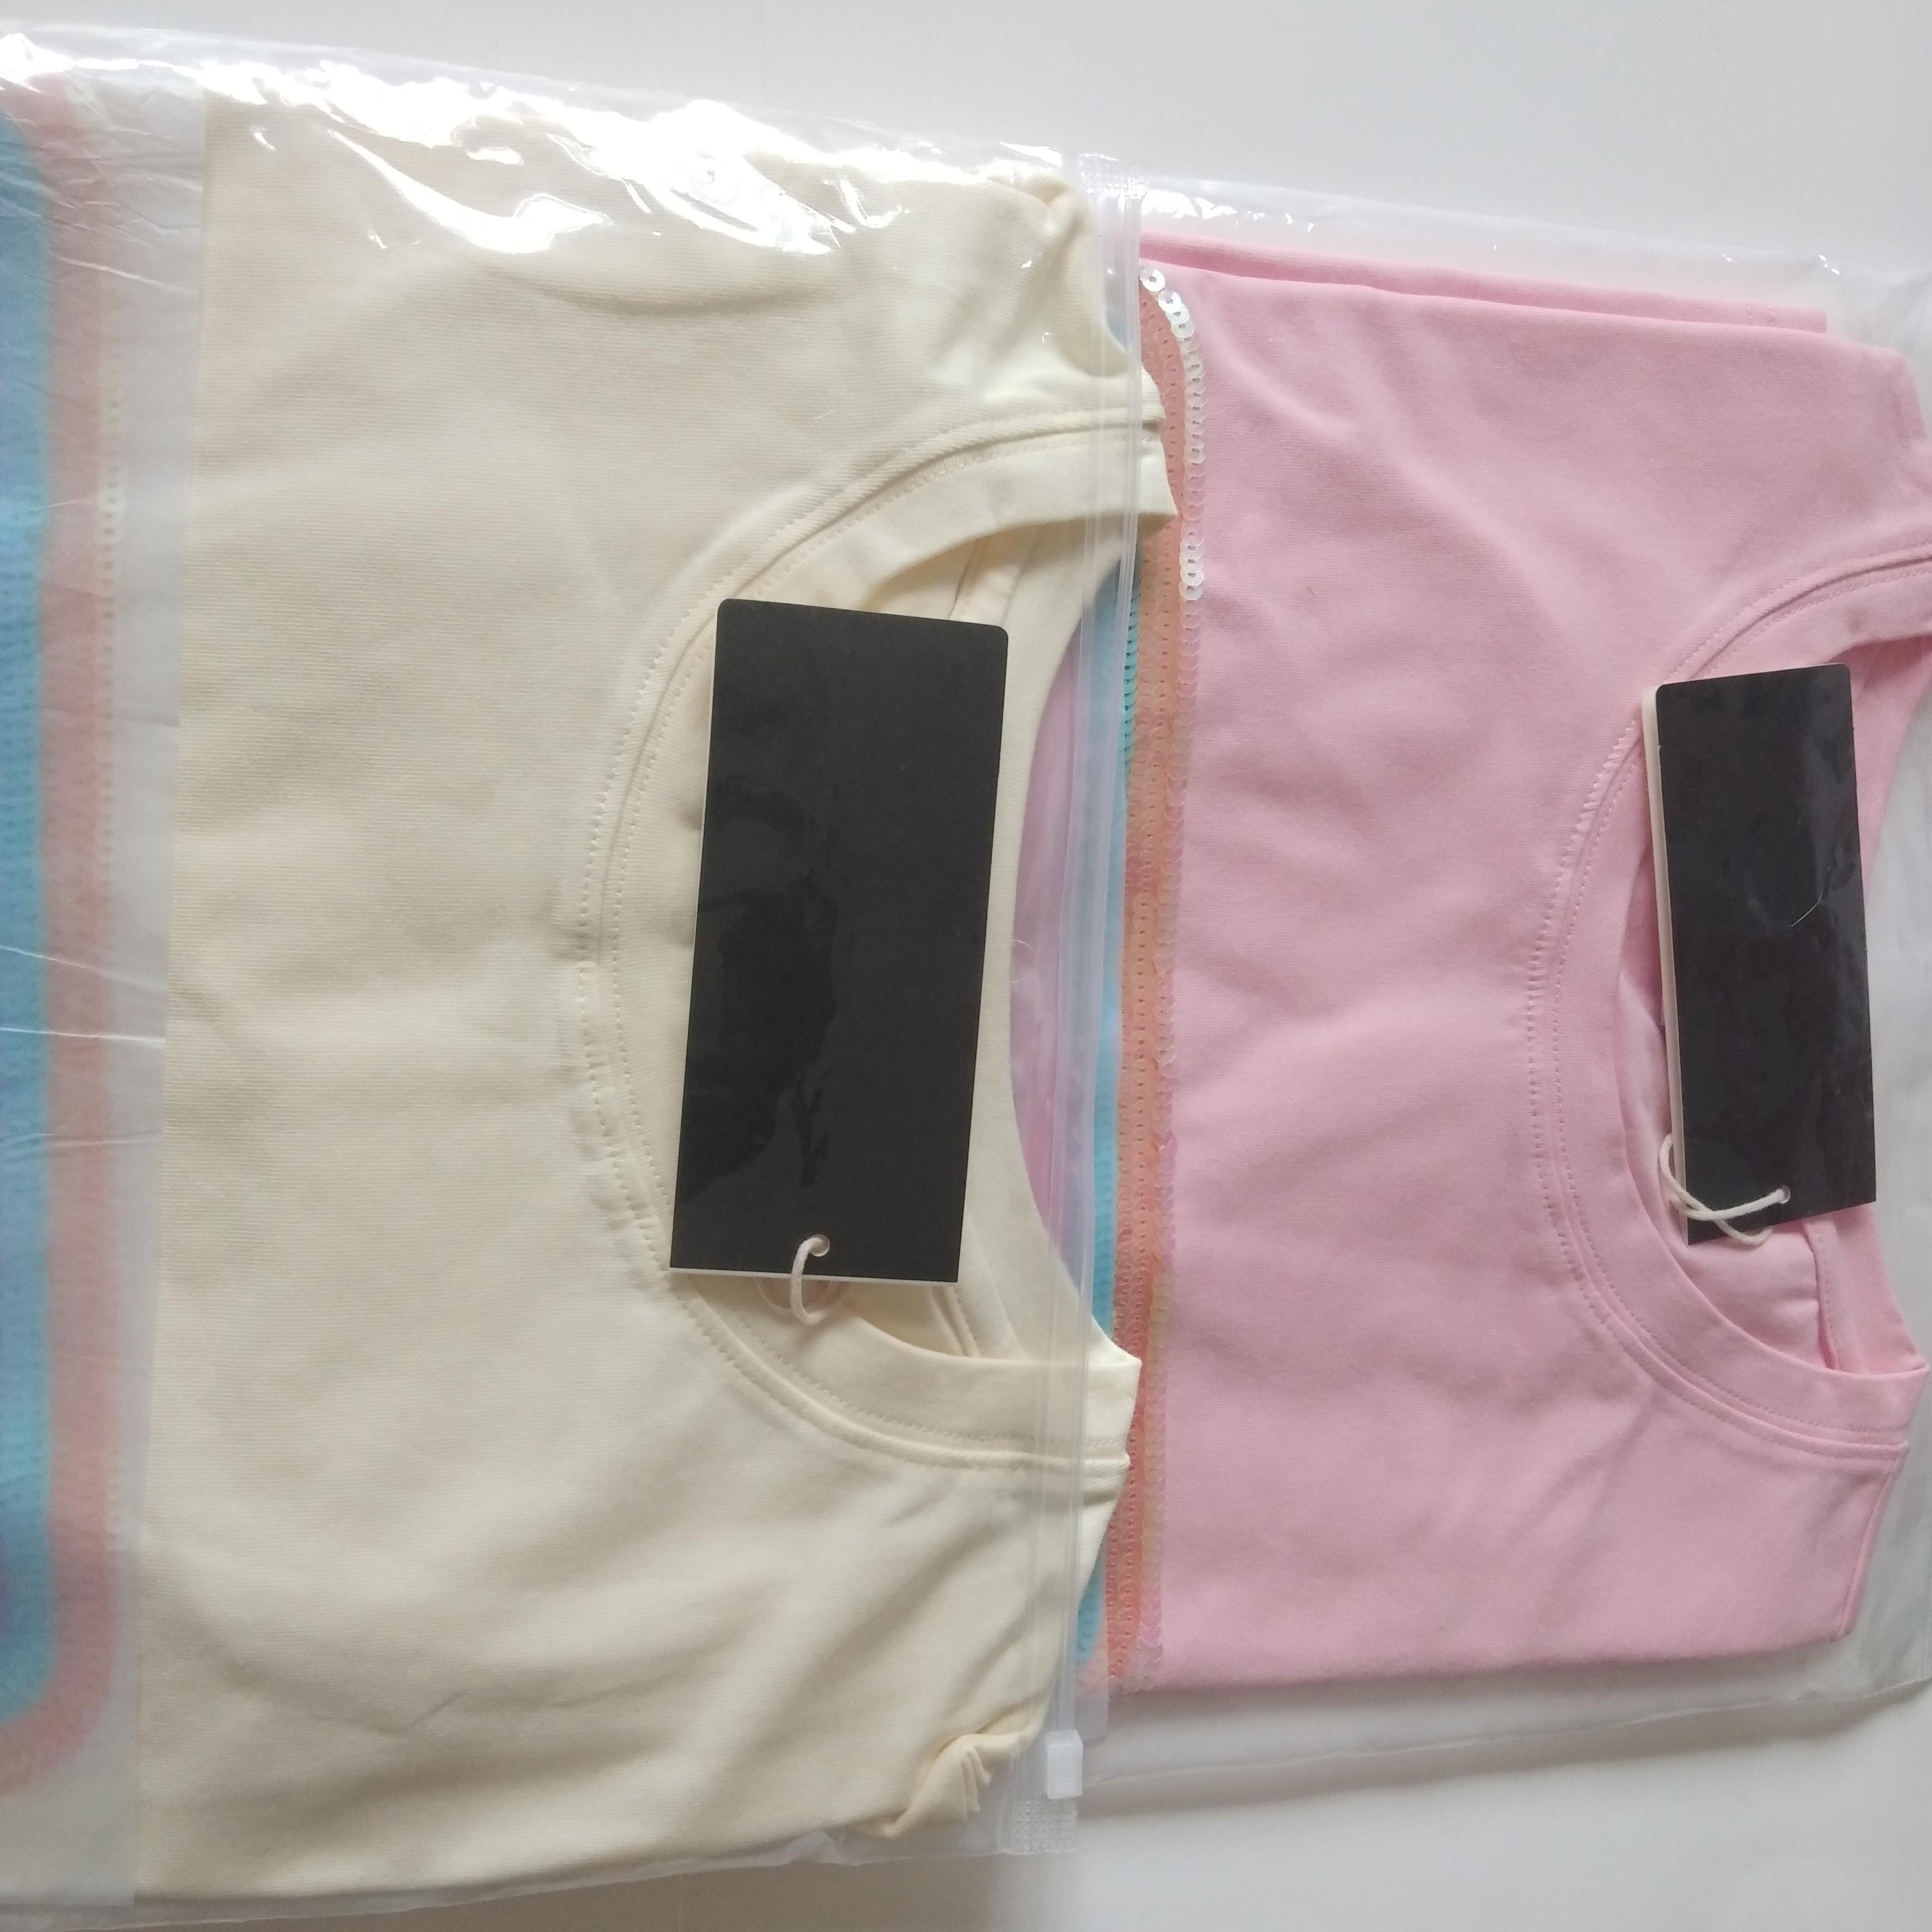 2020 neue Frauen Luxus Brust Brief heller Kurzarm T-Shirt Modedesigner-T-Shirt der lose Frauen-T-Shirt freies Verschiffen